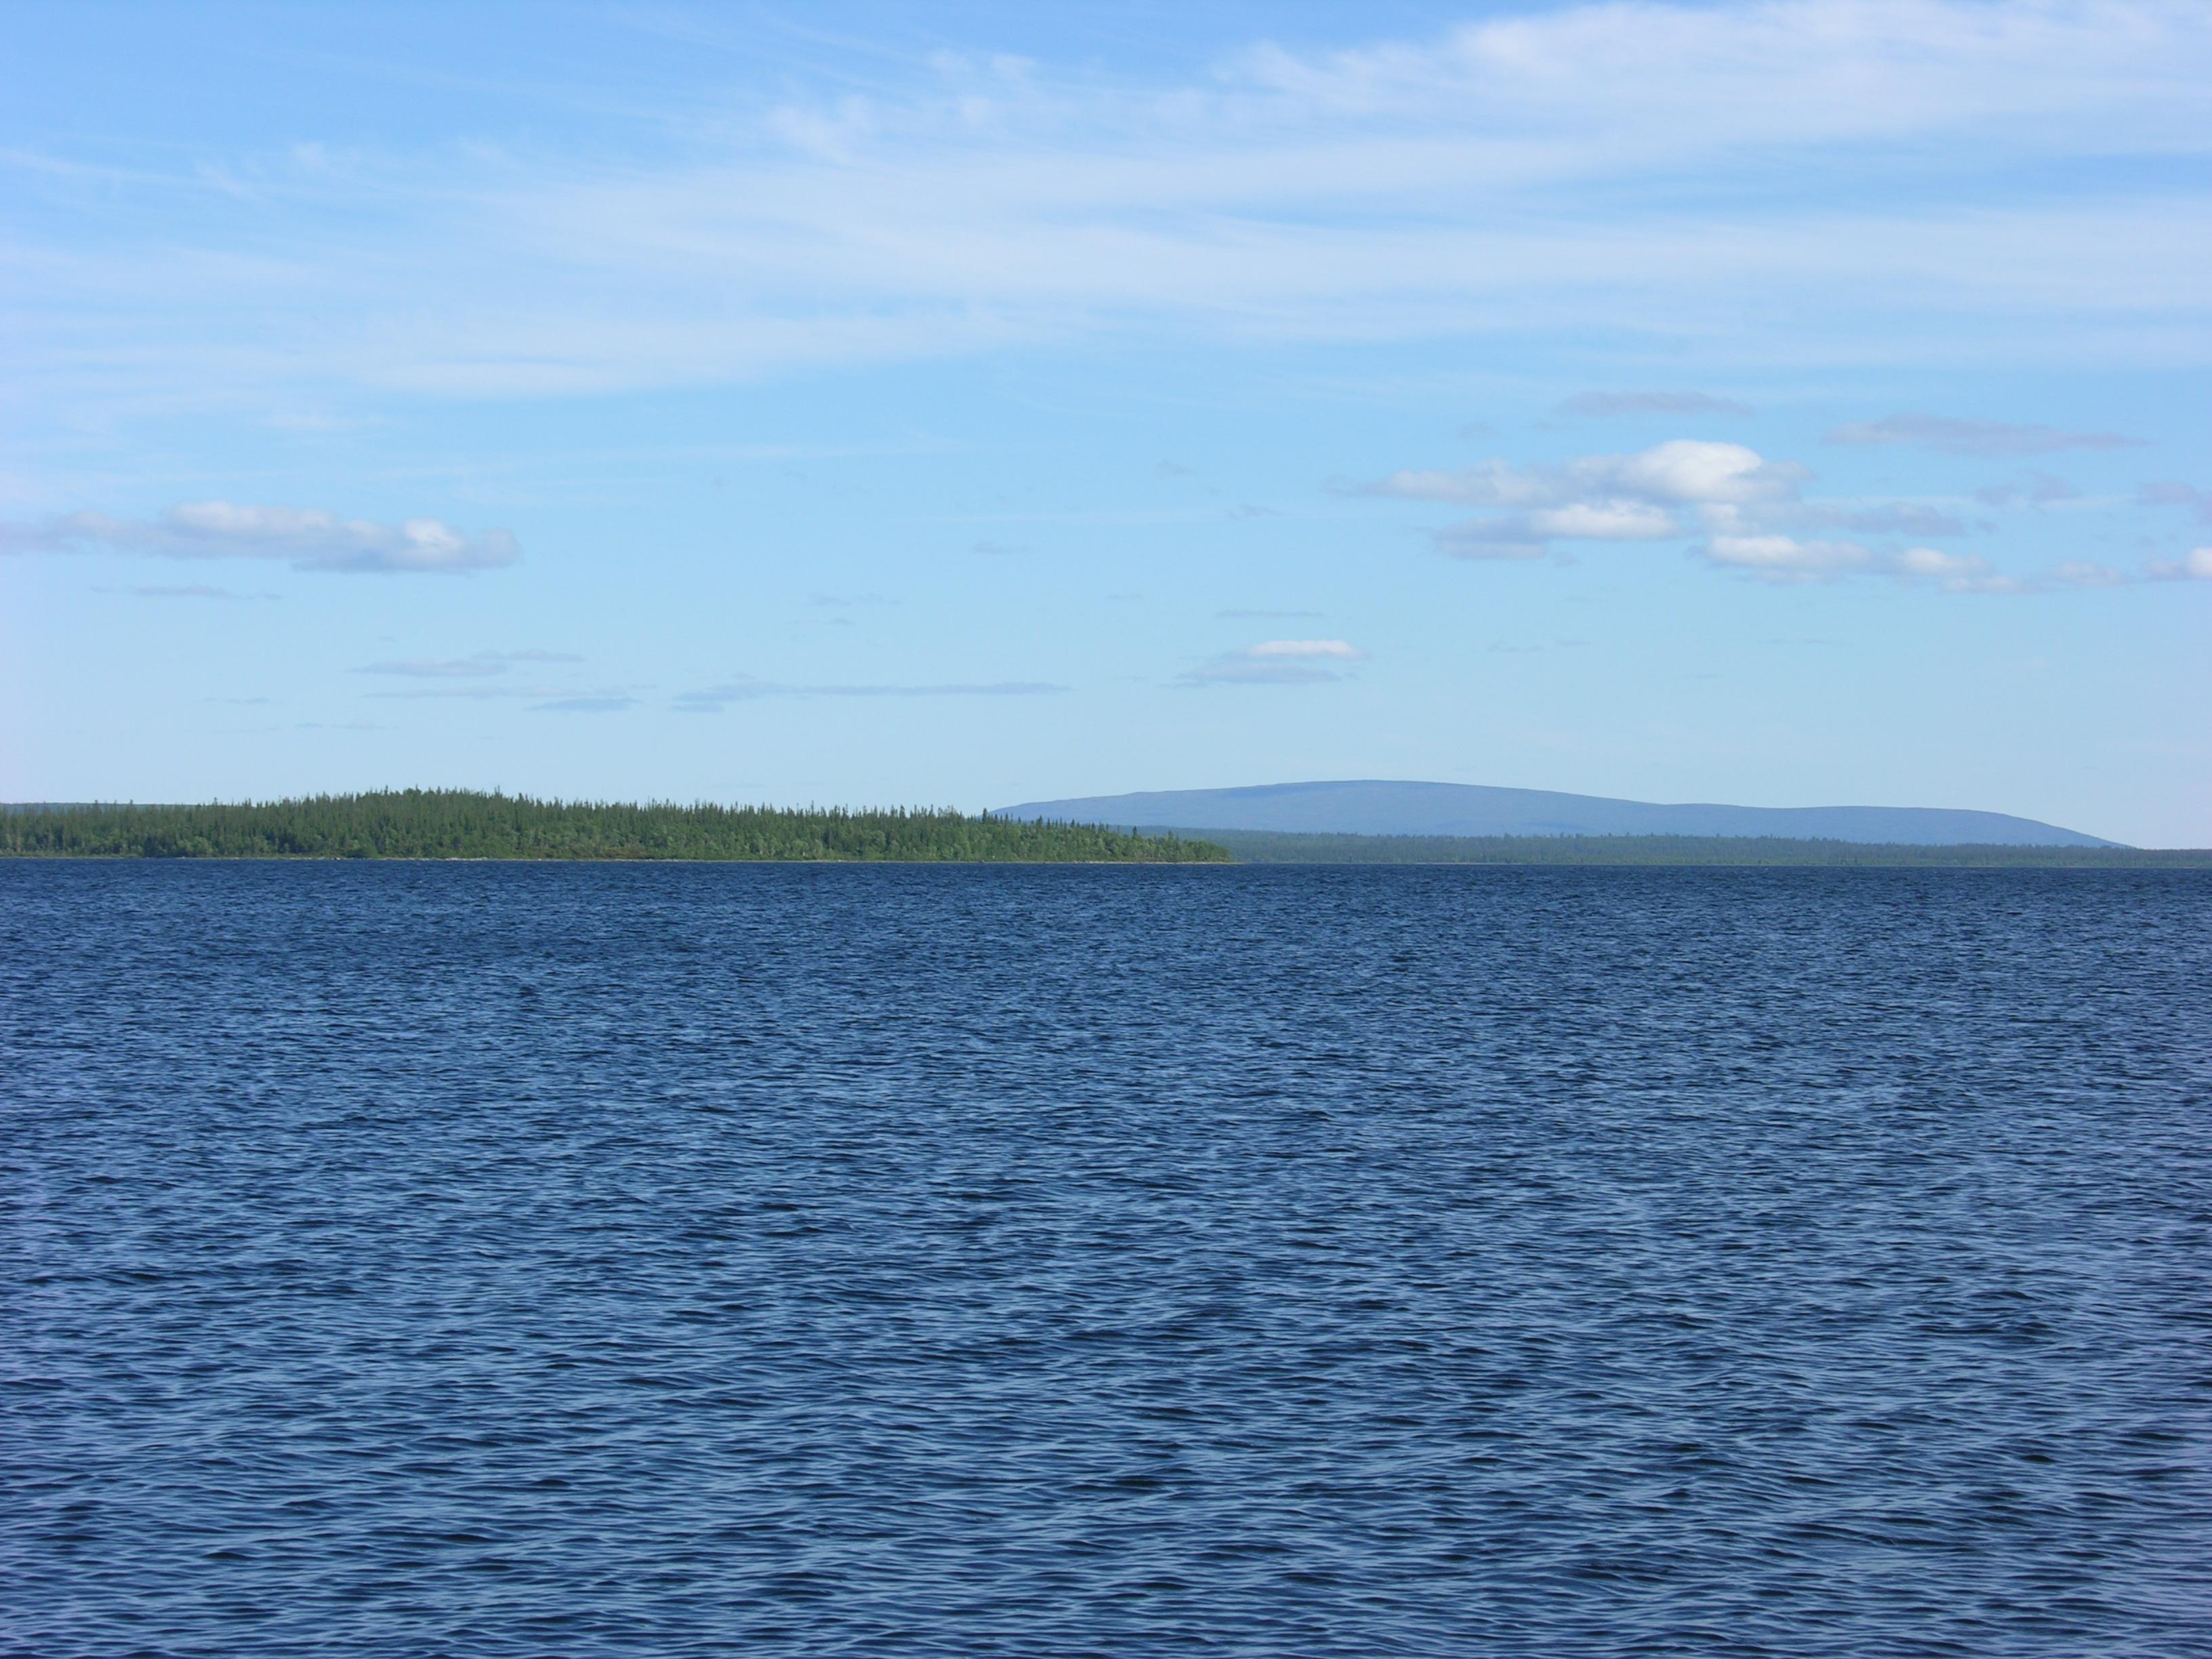 Lac Lovozero